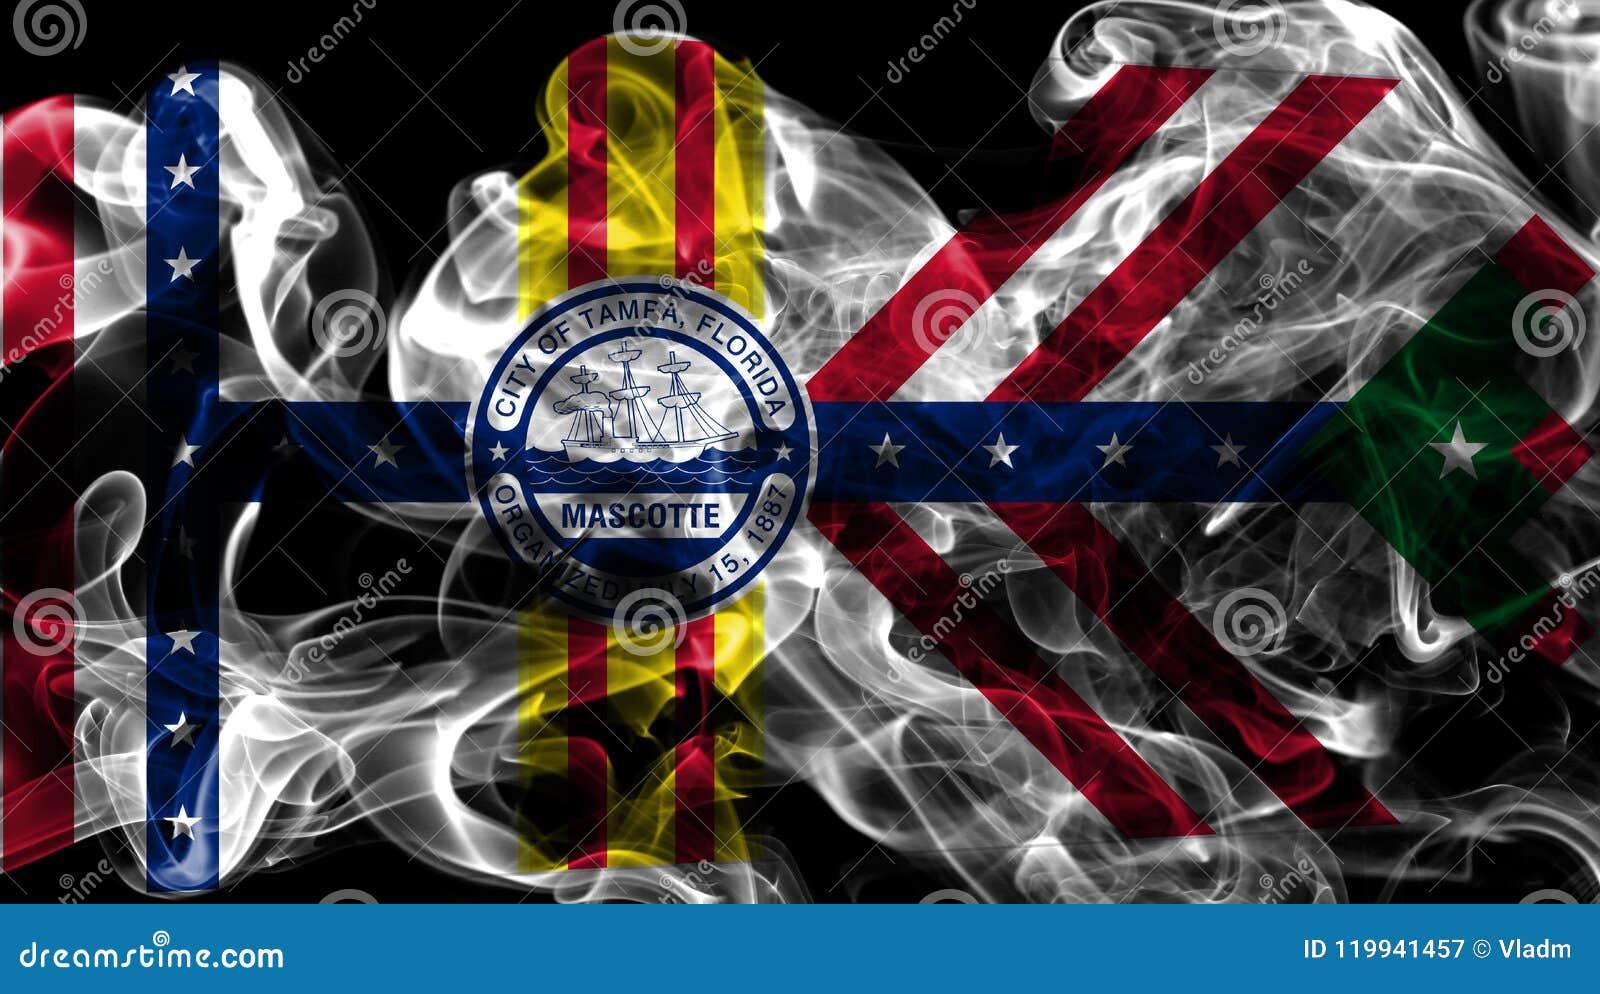 Флаг задымления городов Тампа, положение Флориды, Соединенные Штаты Америки